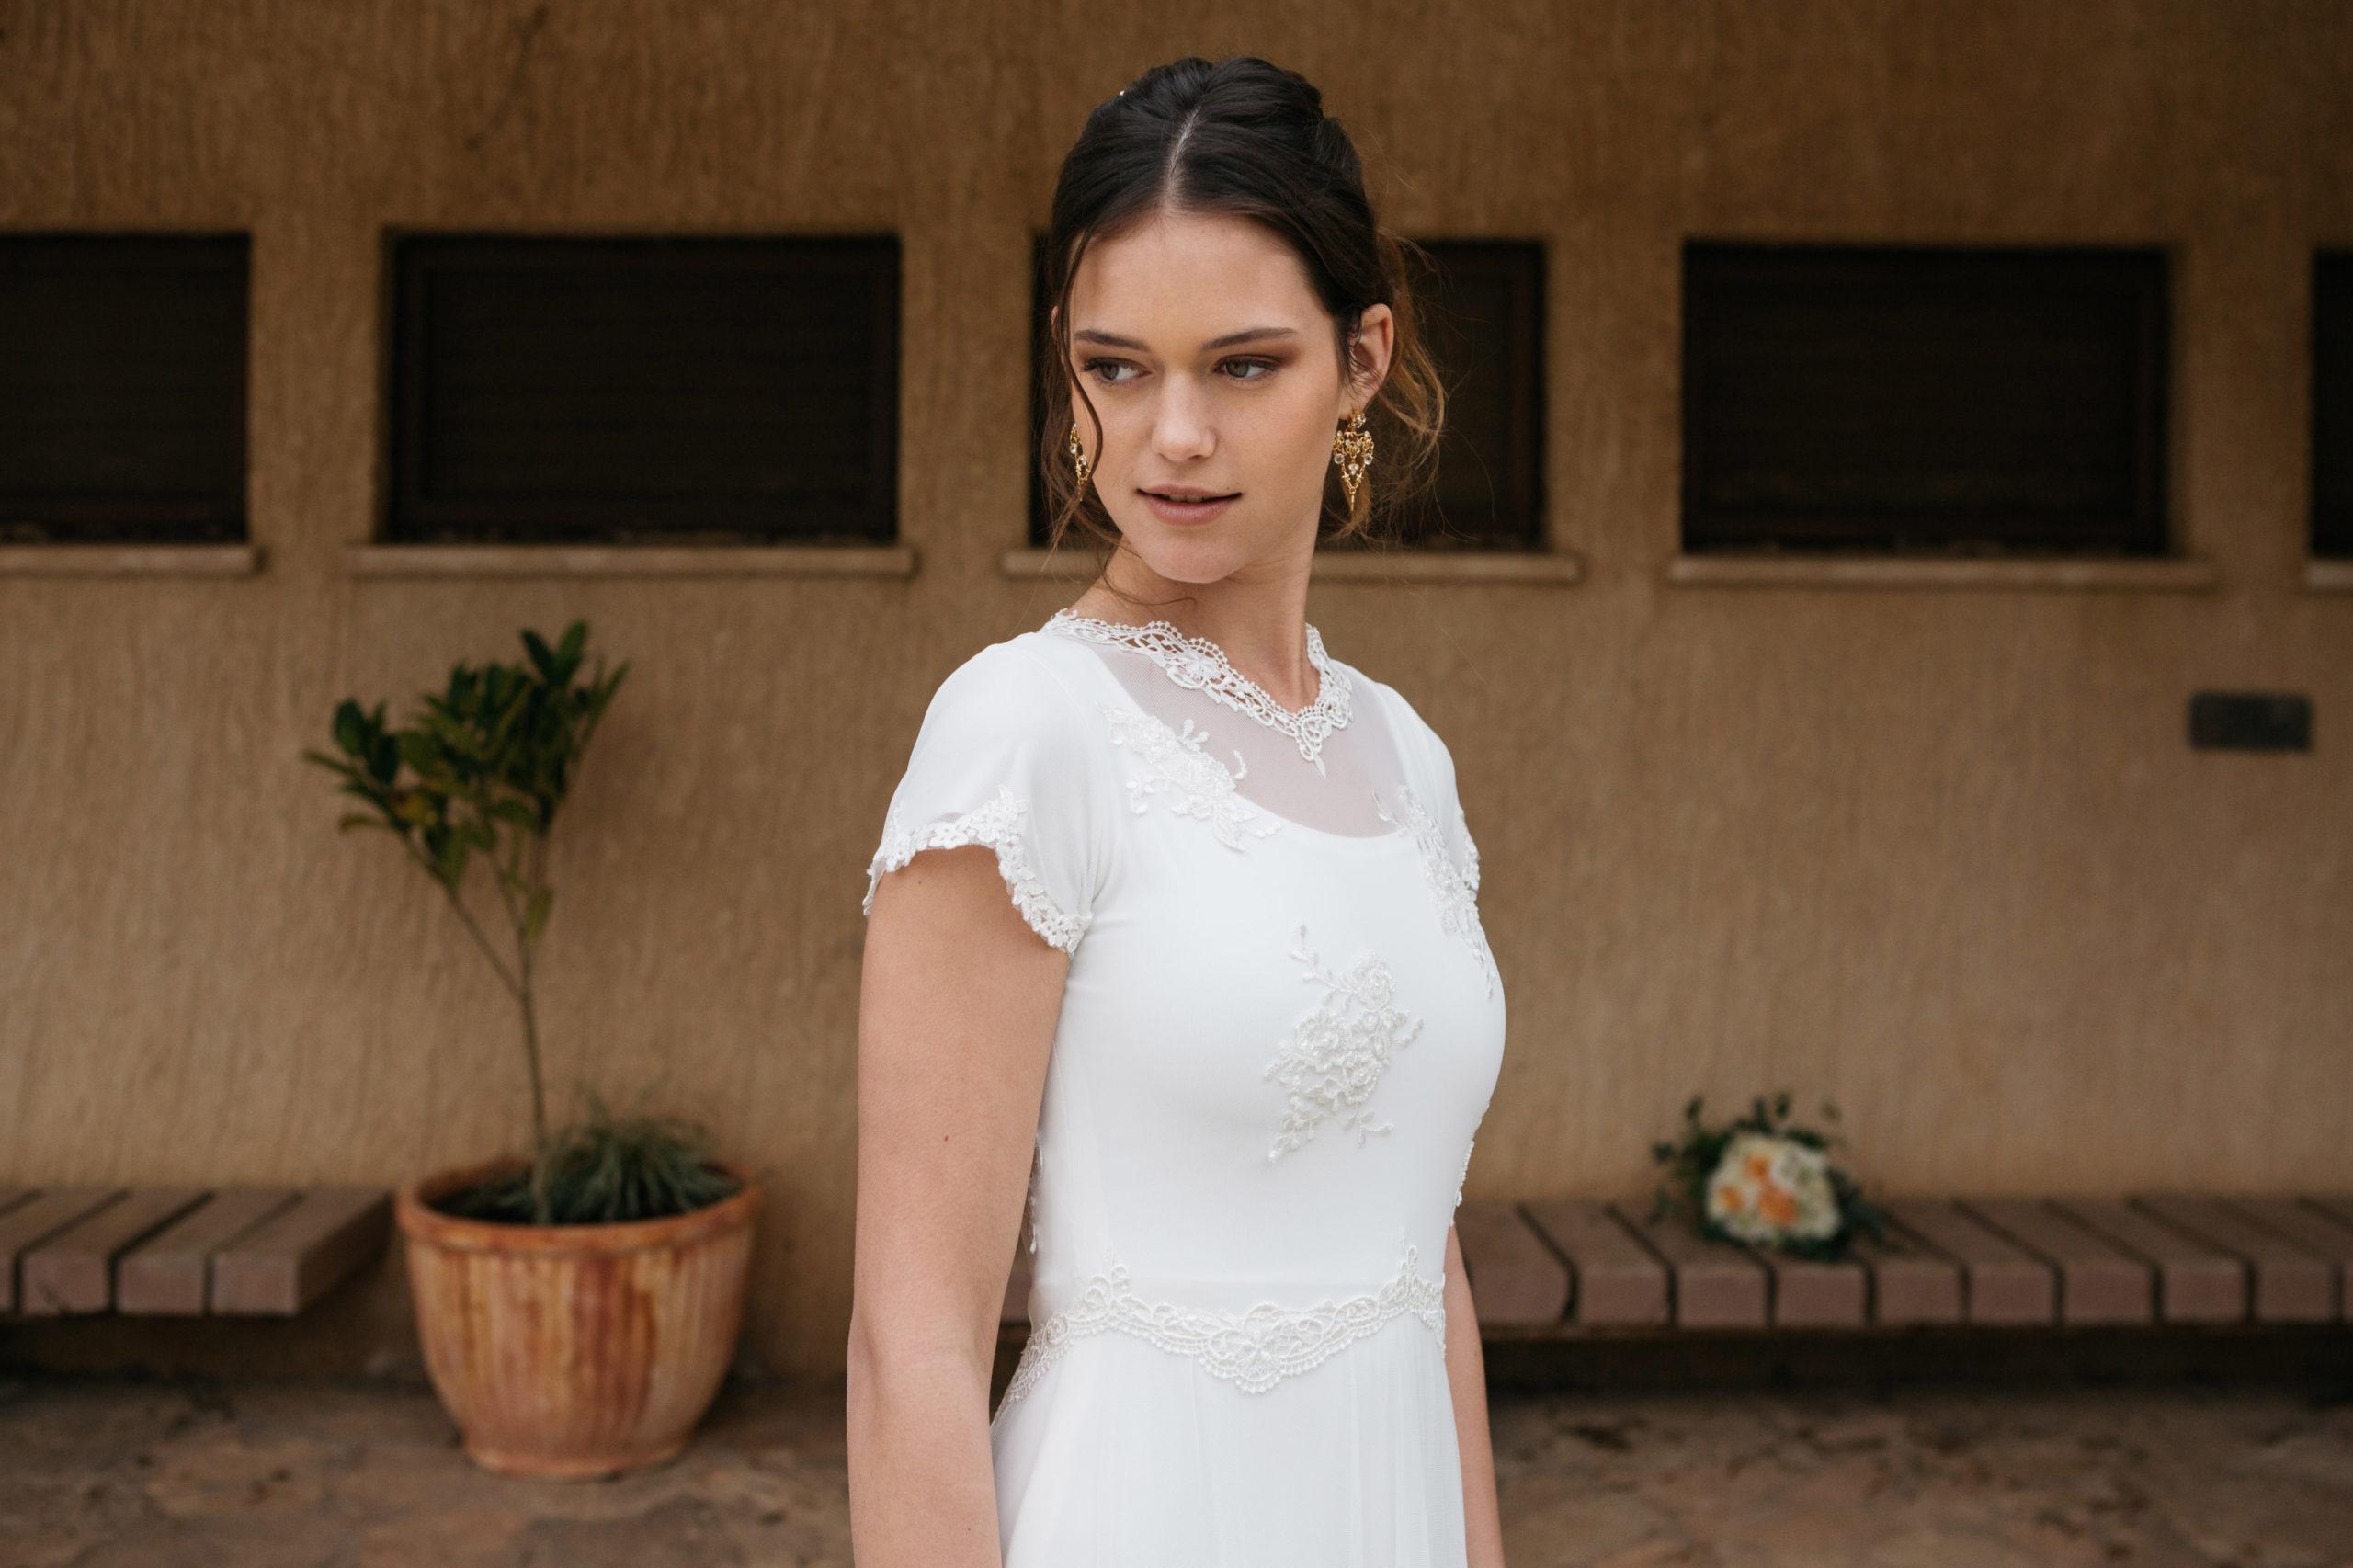 סטודיו לעיצוב שמלות כלה בשומרון נחמה הס ועדי קולקציית שמלות שנת 2017 Студия дизайна свадебных платьев в Самарии Nehama Hess and Adi